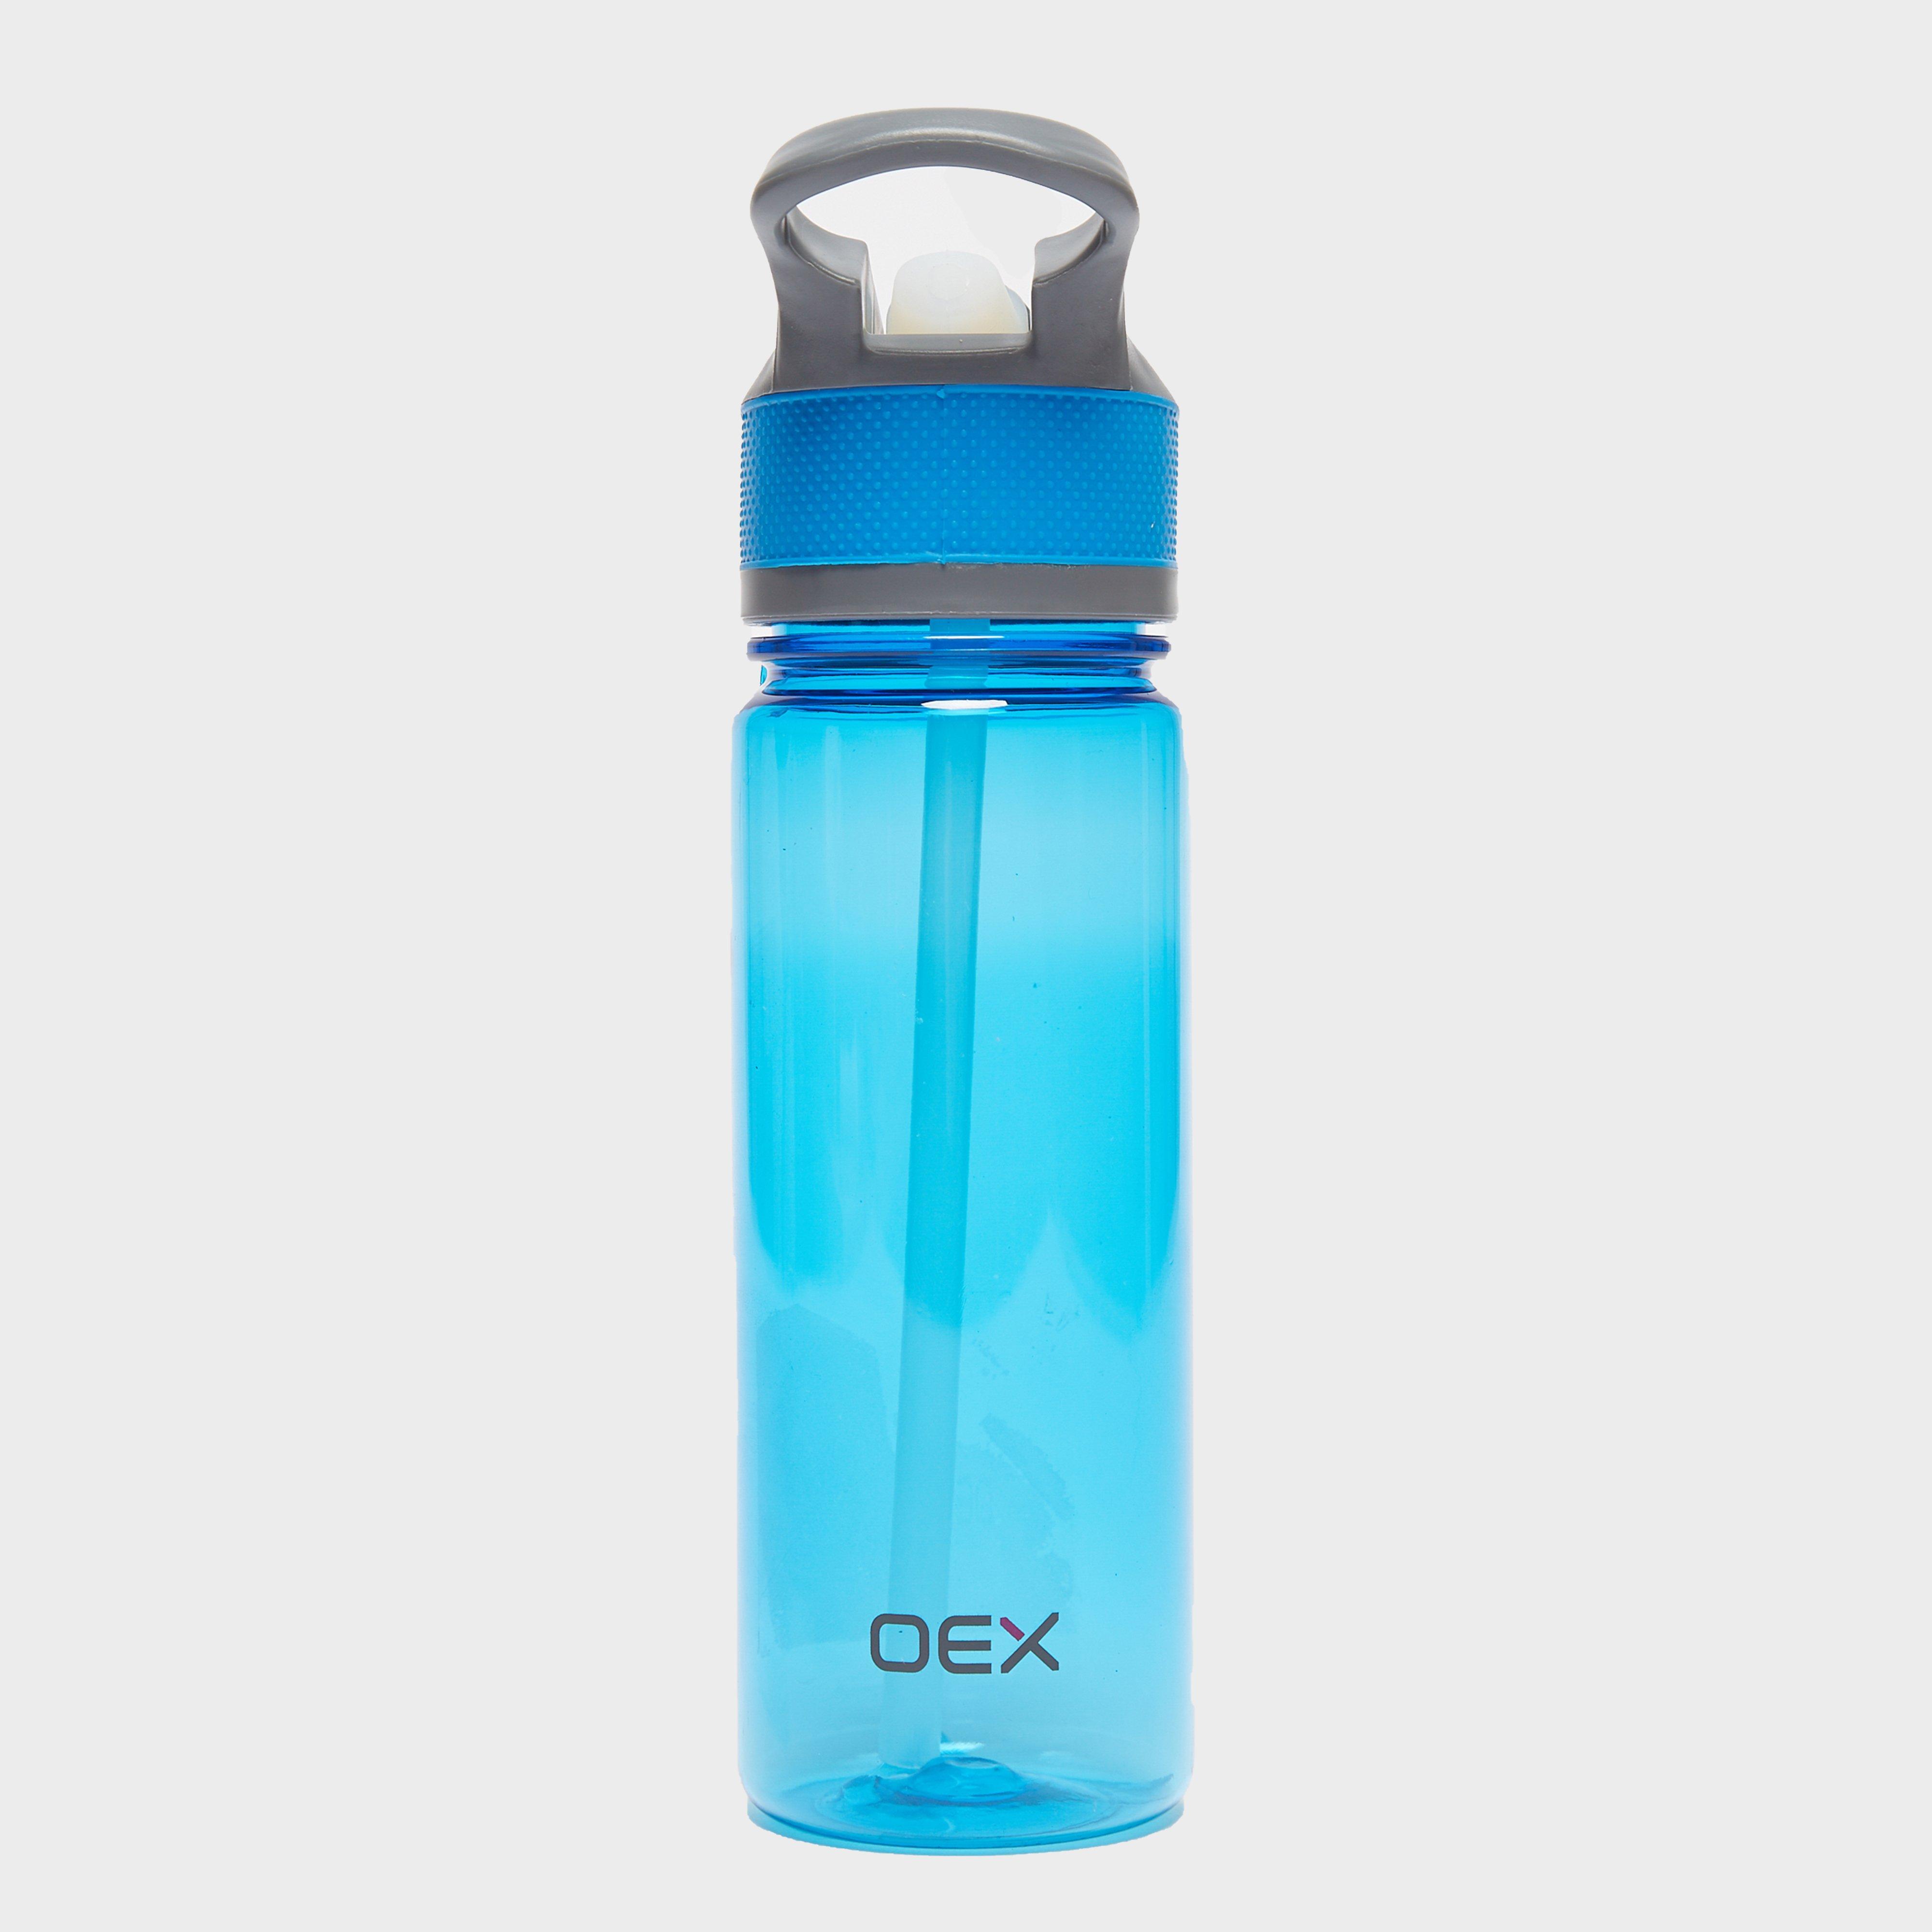 Oex Oex Spout Water Bottle, Blue